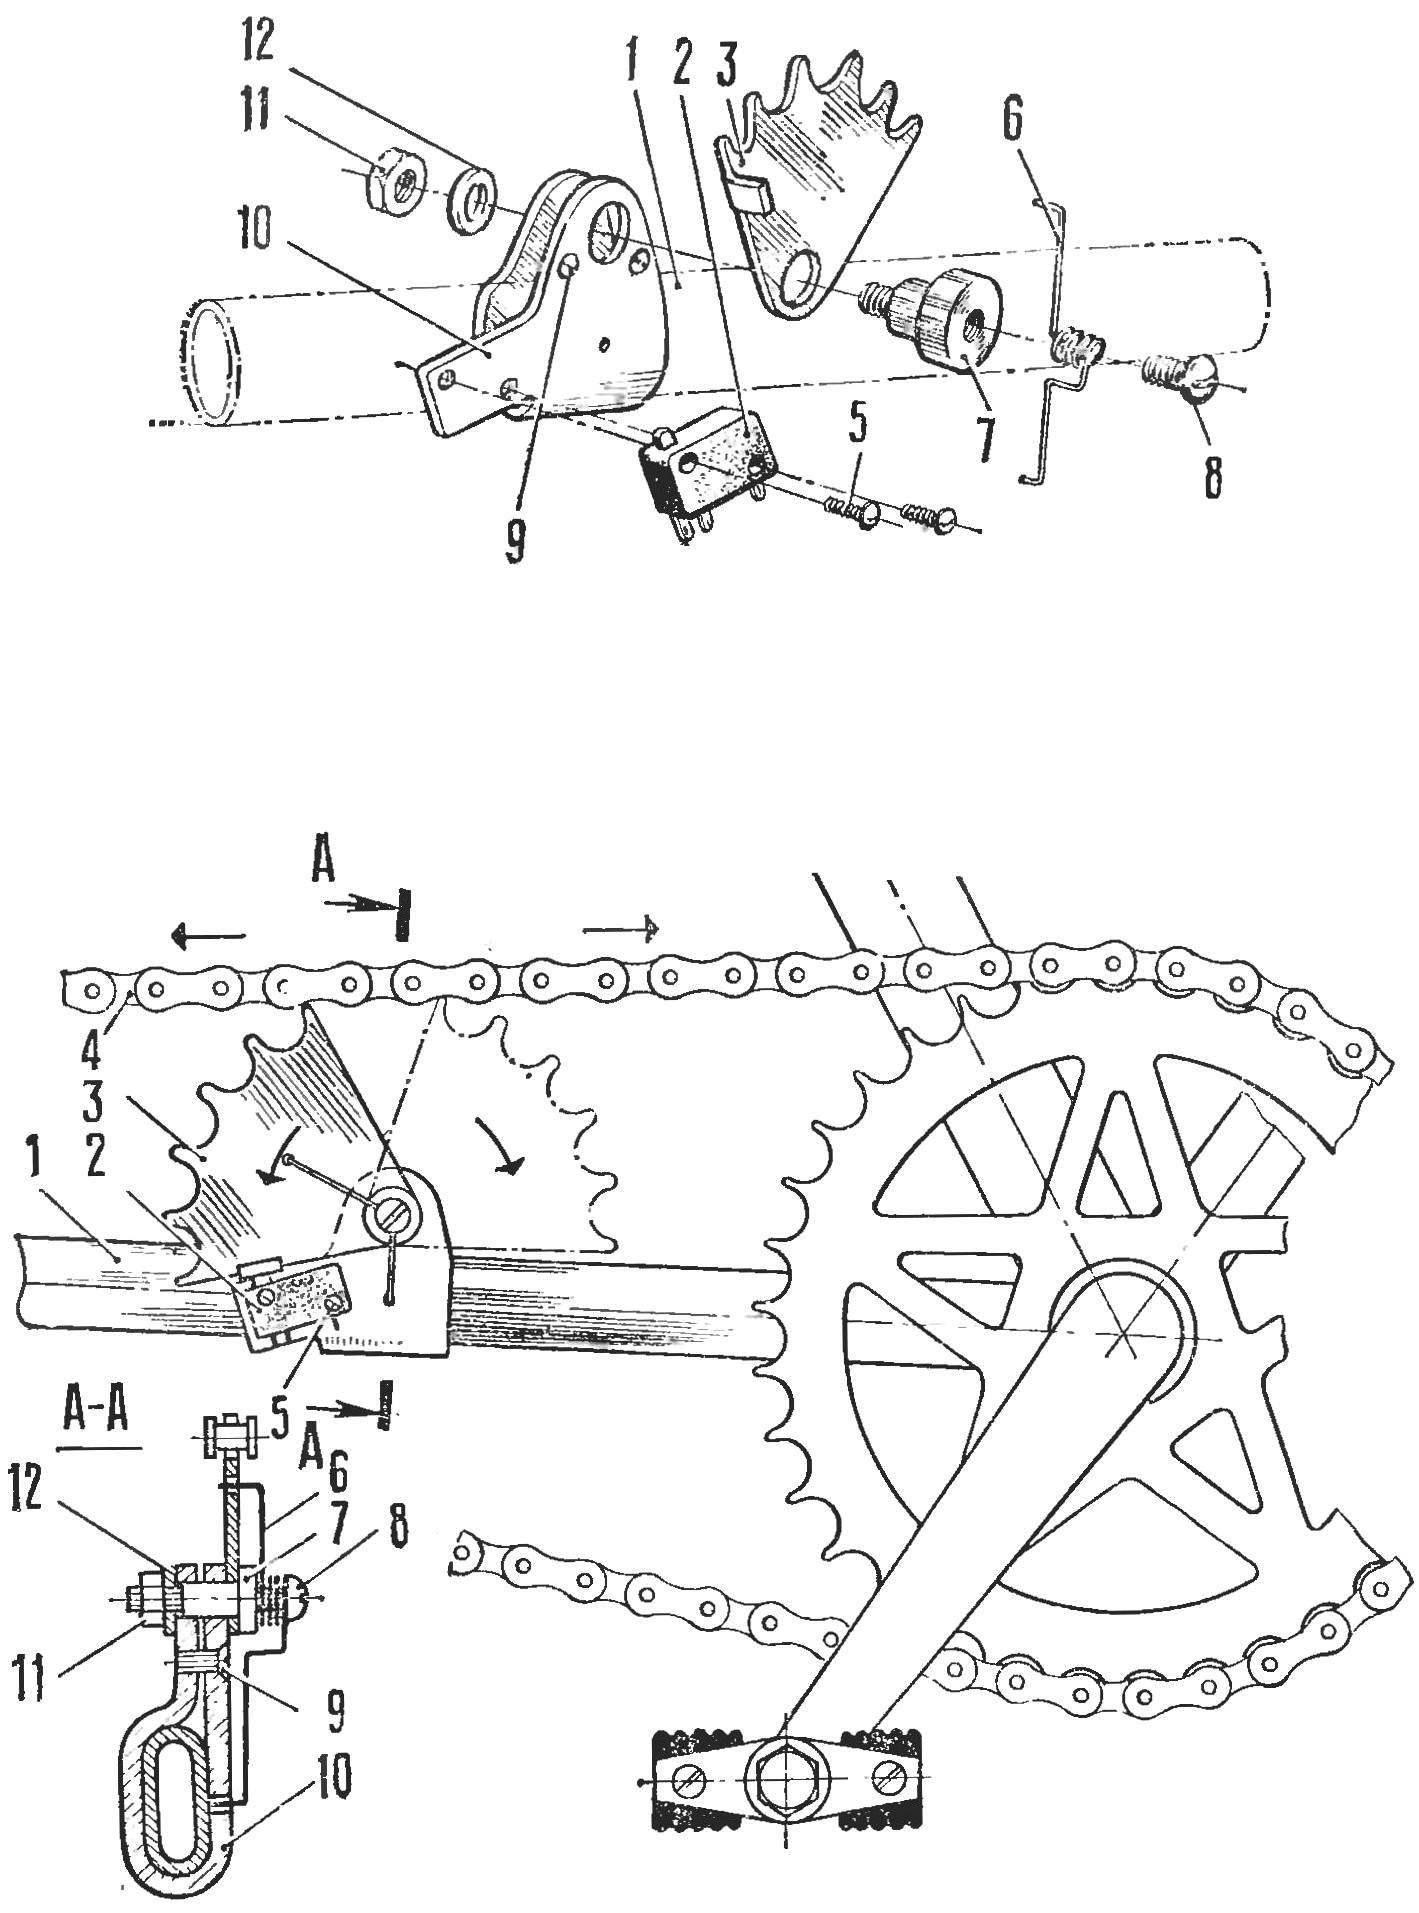 Рис. 1. Устройство датчика стоп-сигнала для дорожного велосипеда